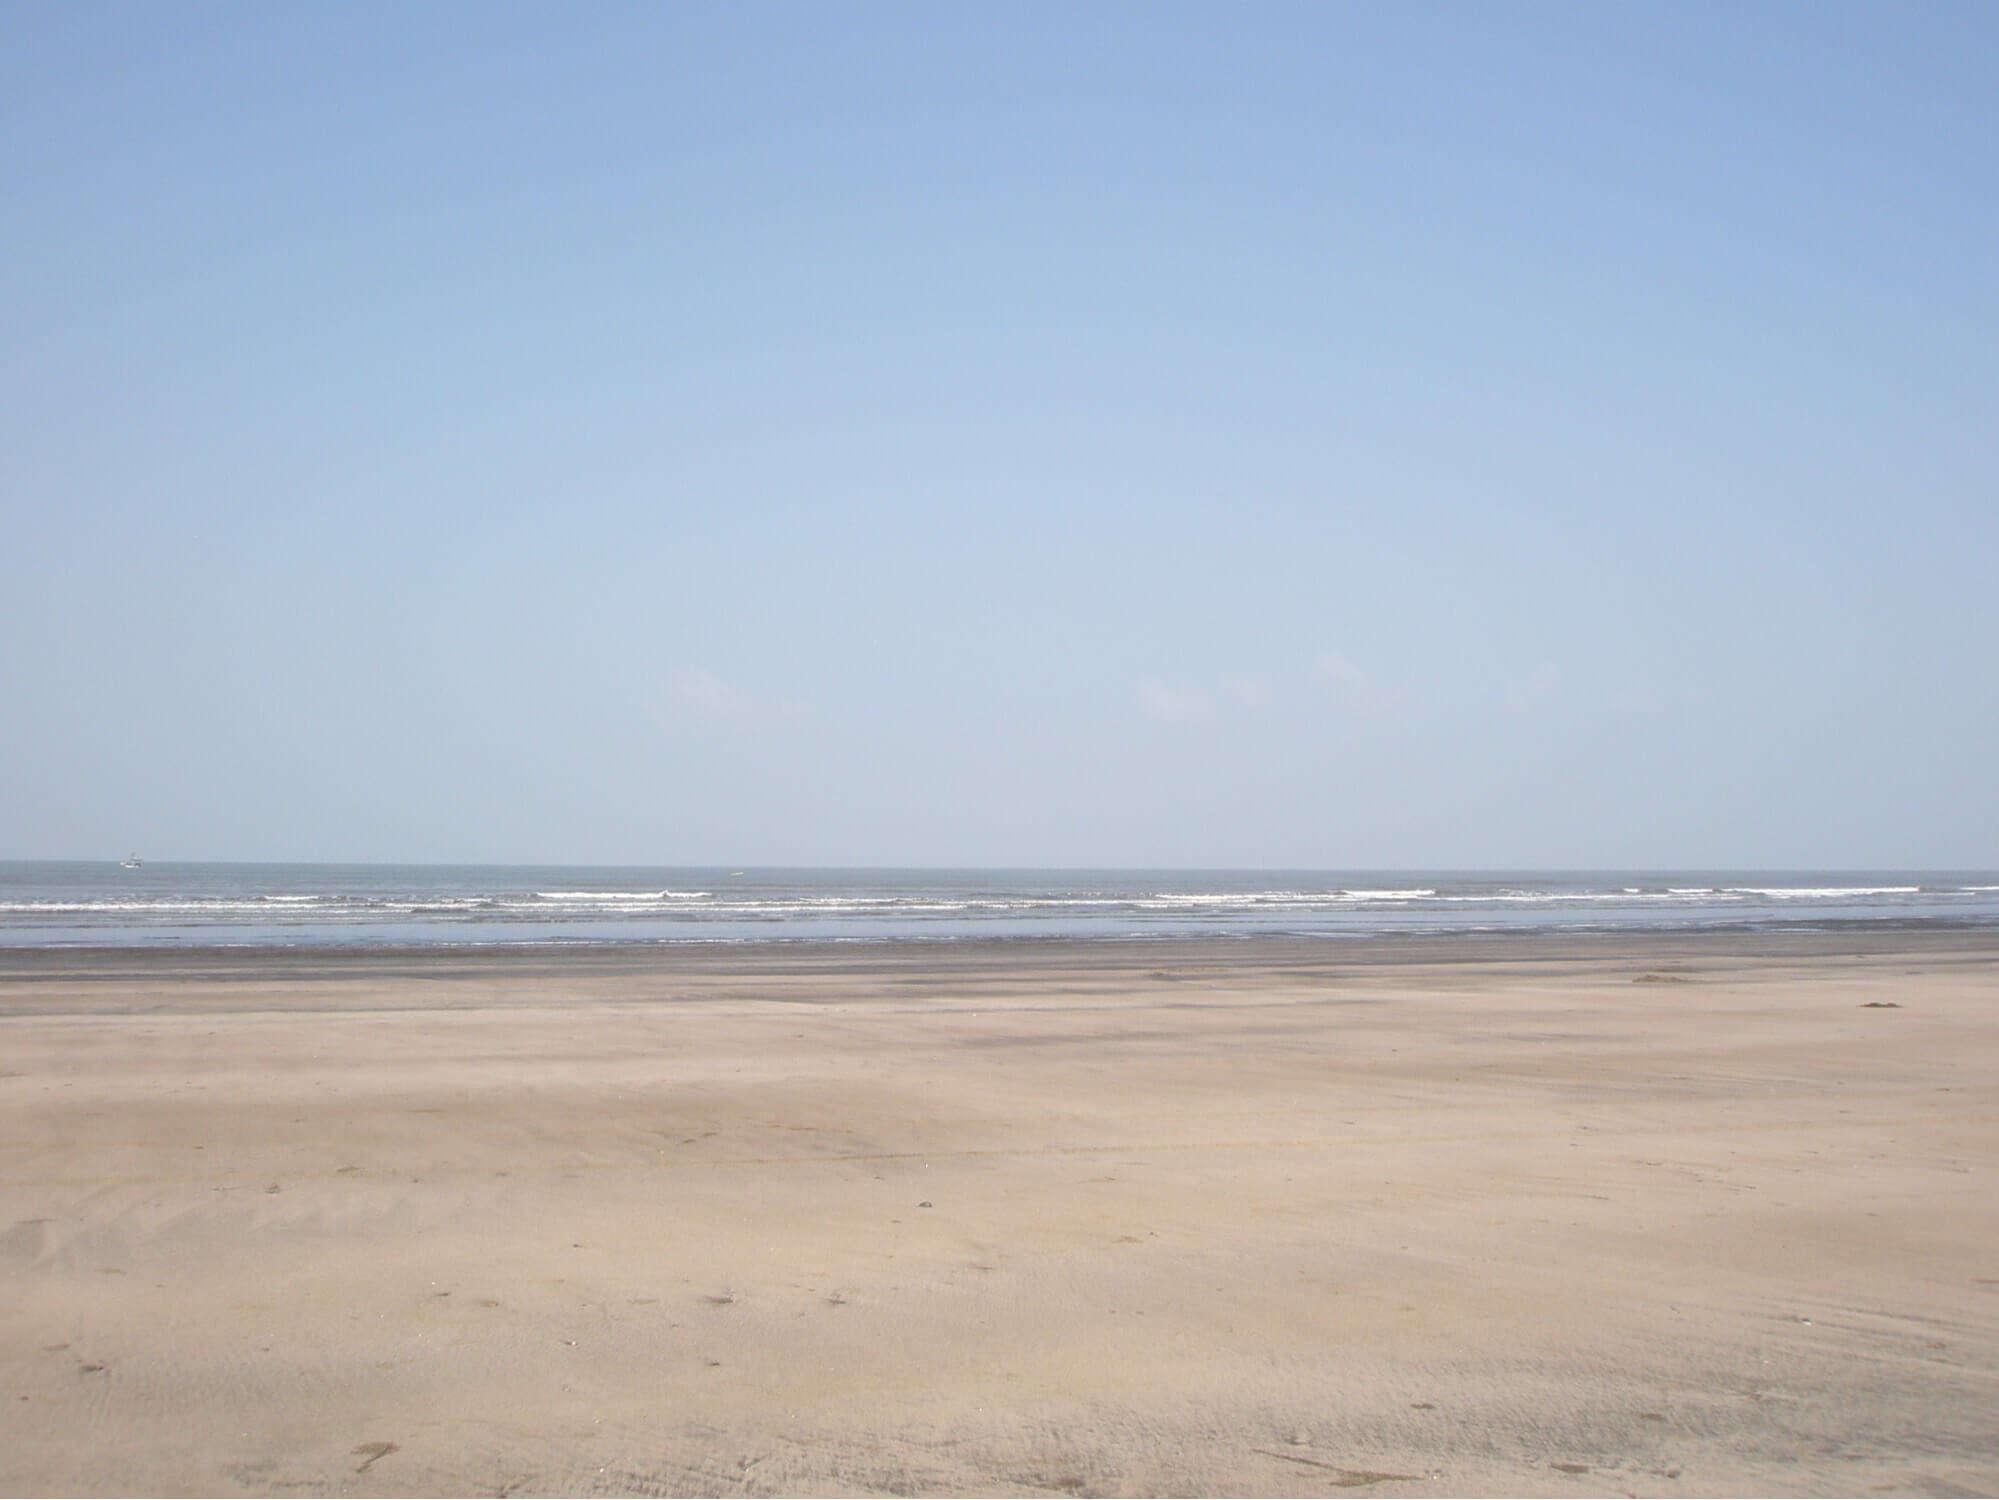 a calm beach